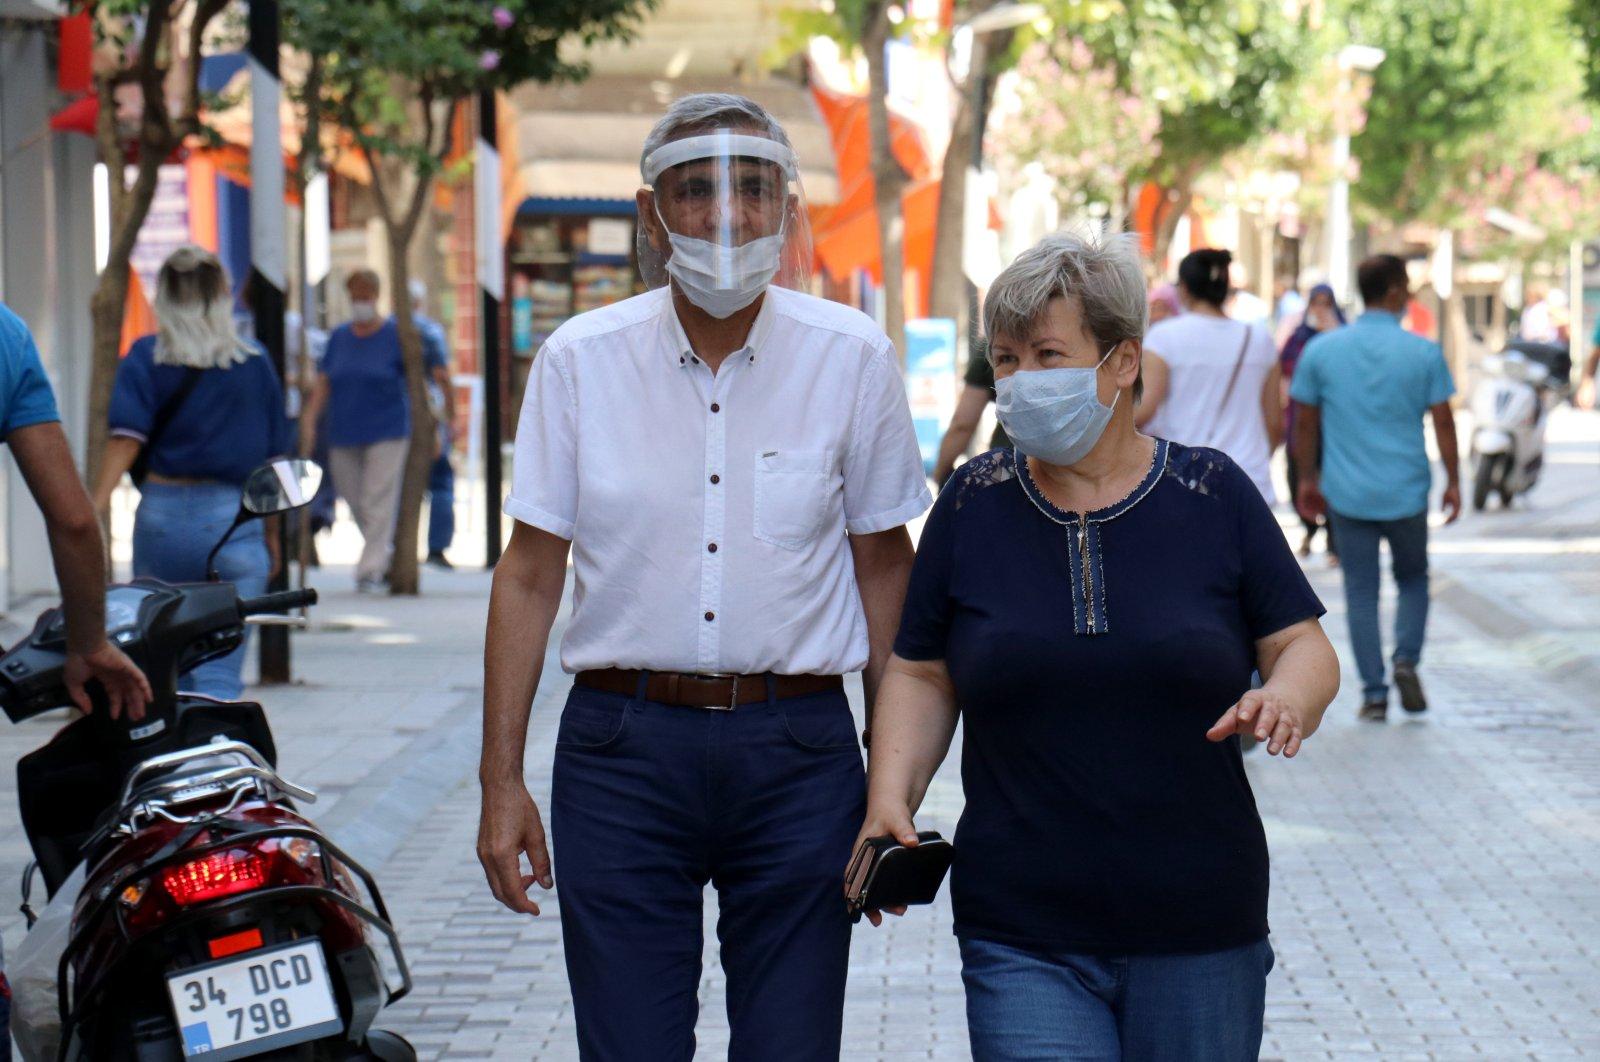 A couple walks on a street in Kırklareli, northwestern Turkey, Aug. 14, 2020. (AA Photo)